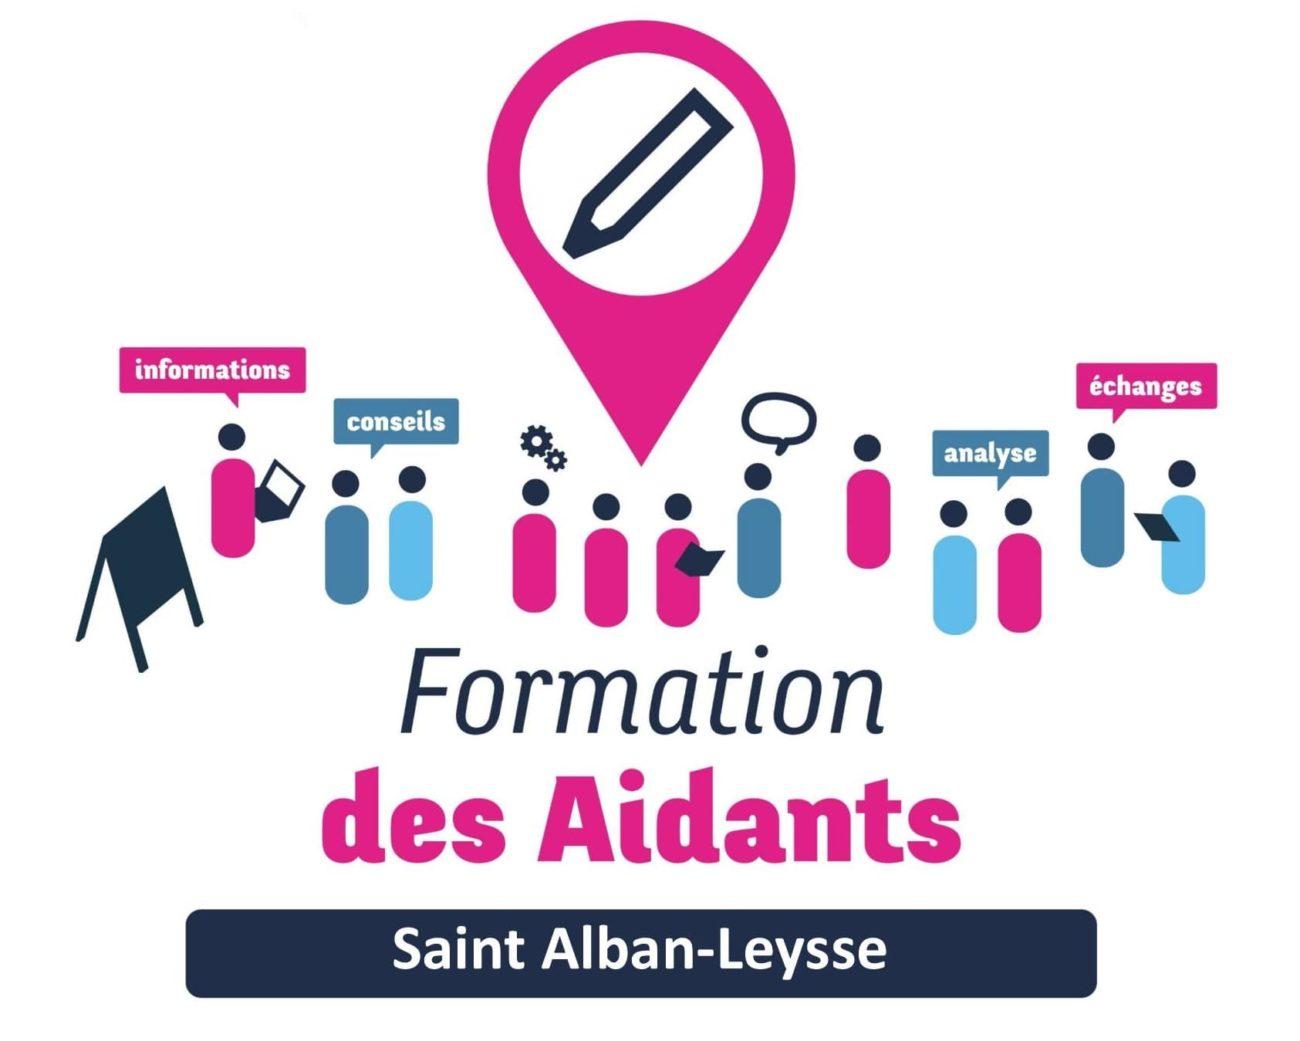 Accueil Savoie Handicap propose une formation pour les aidants